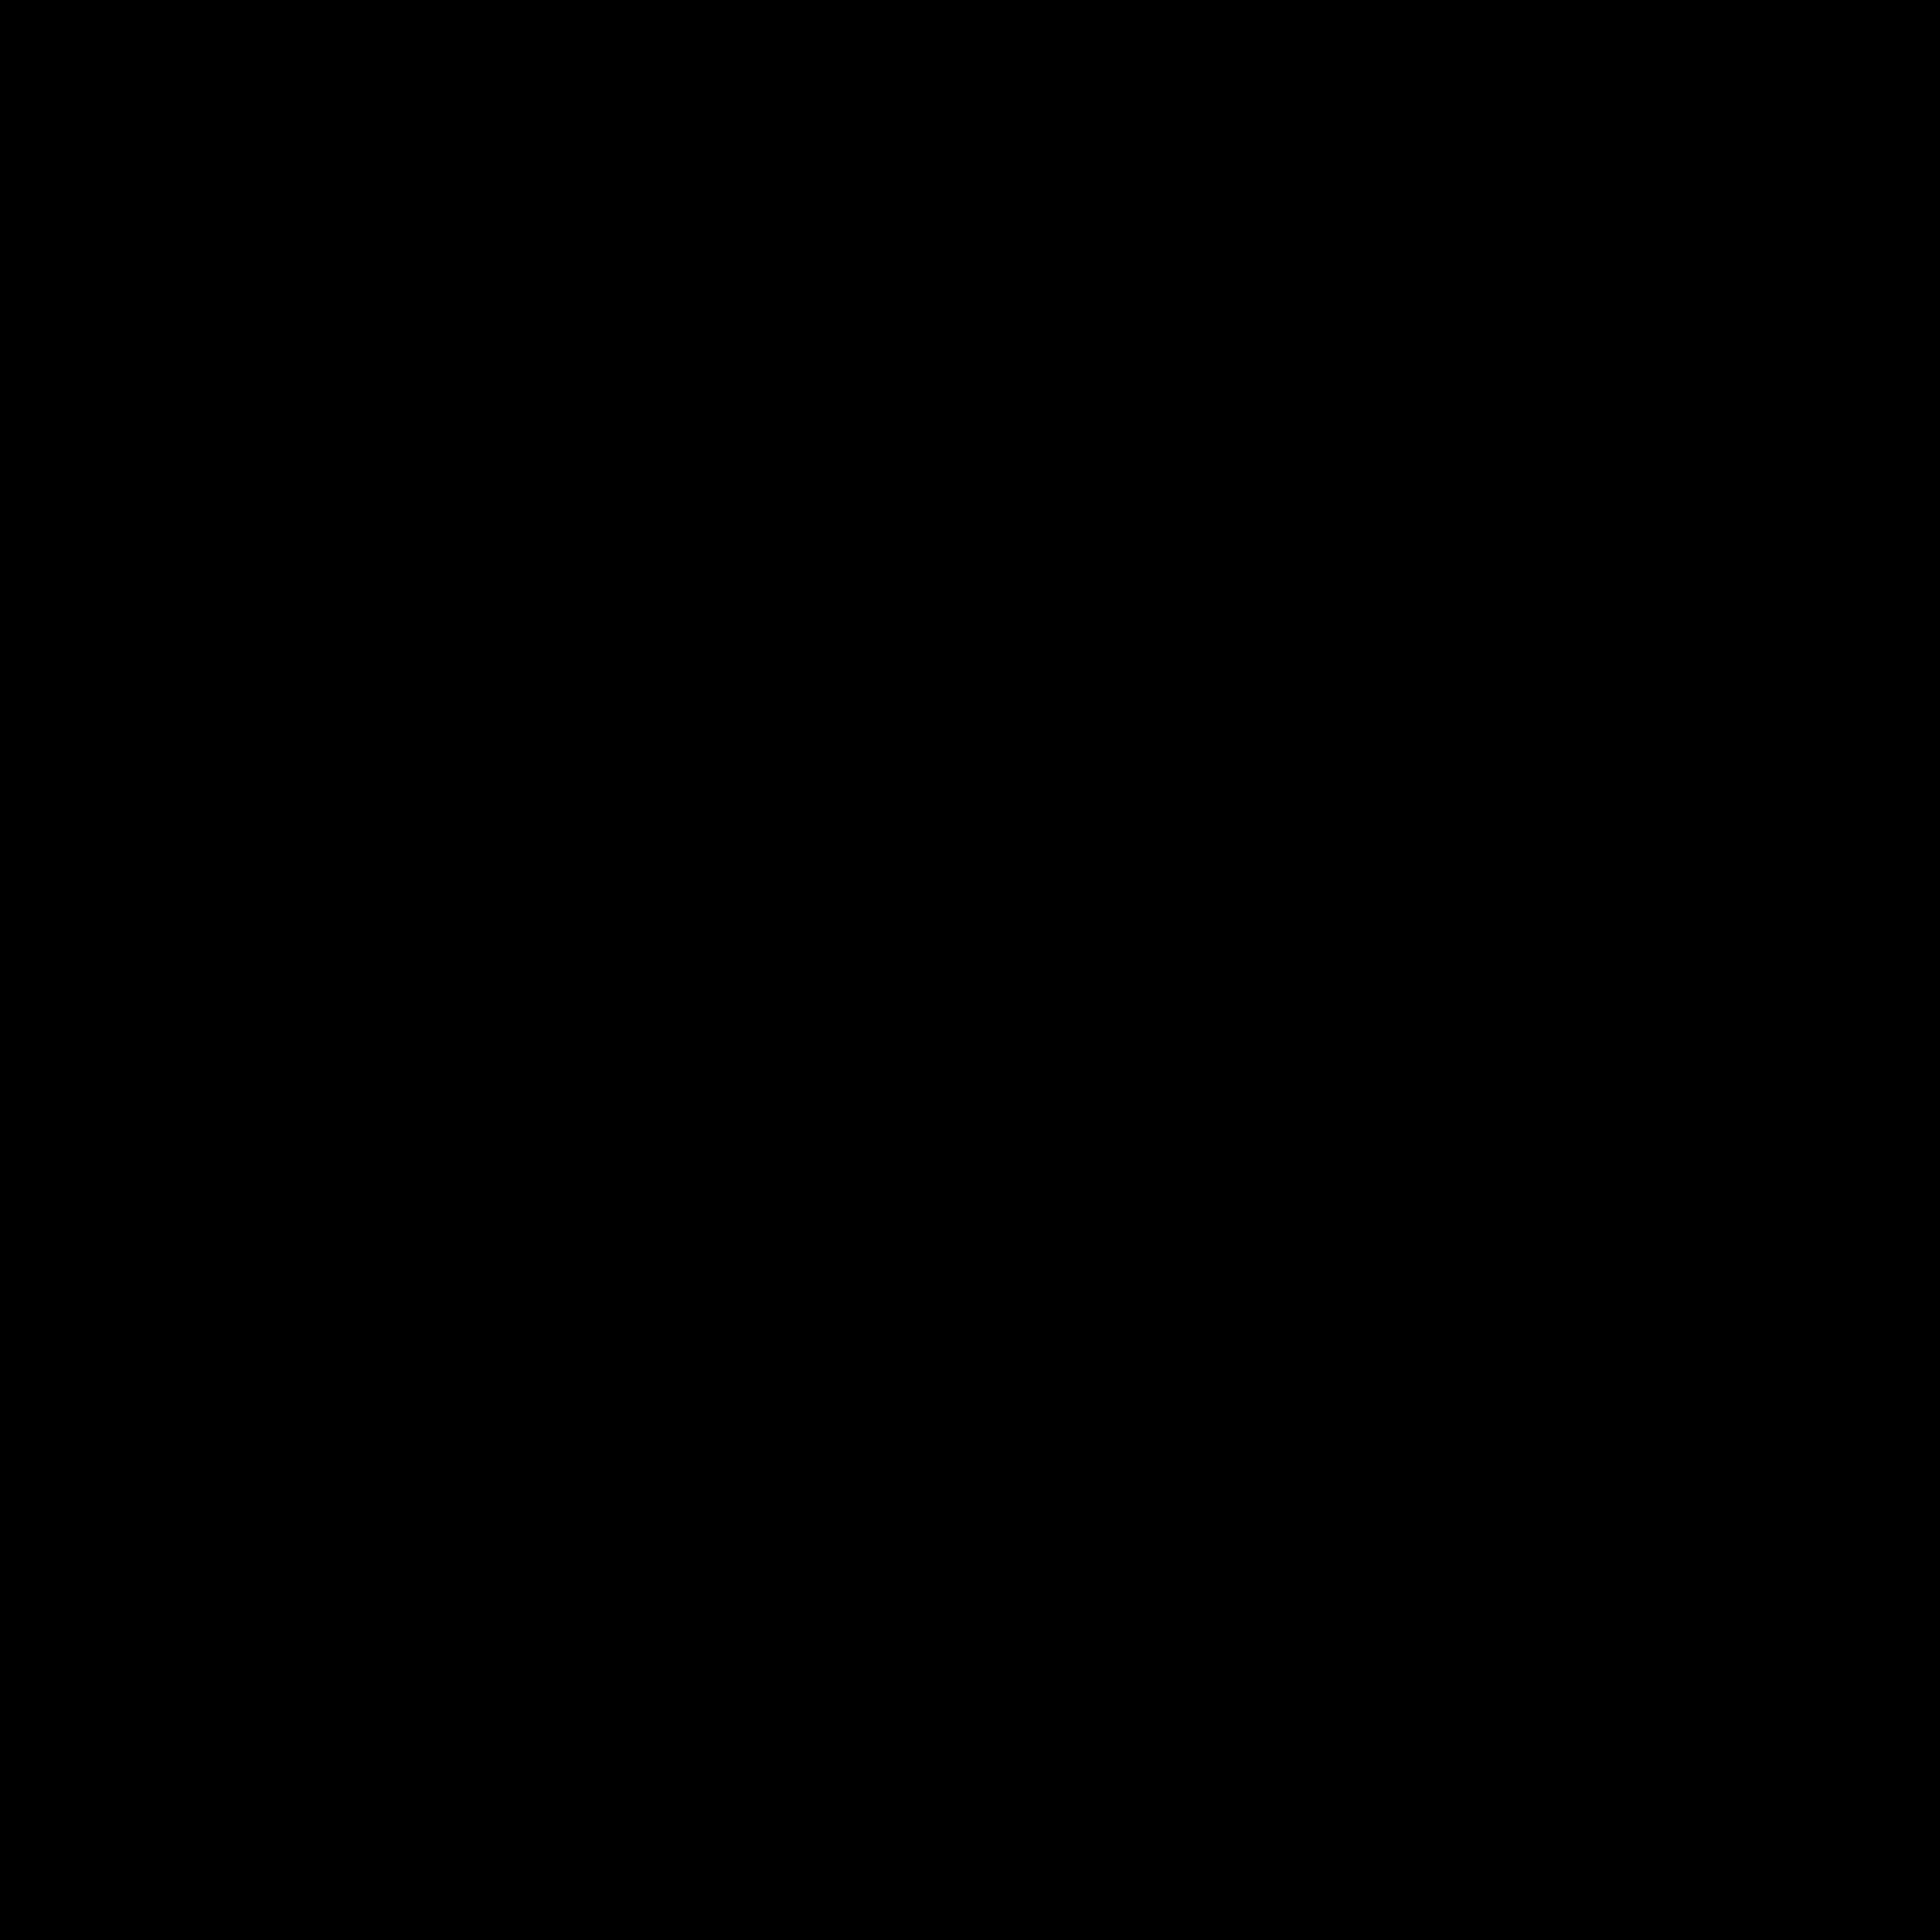 Logo para restaurante de reparto de panes bao